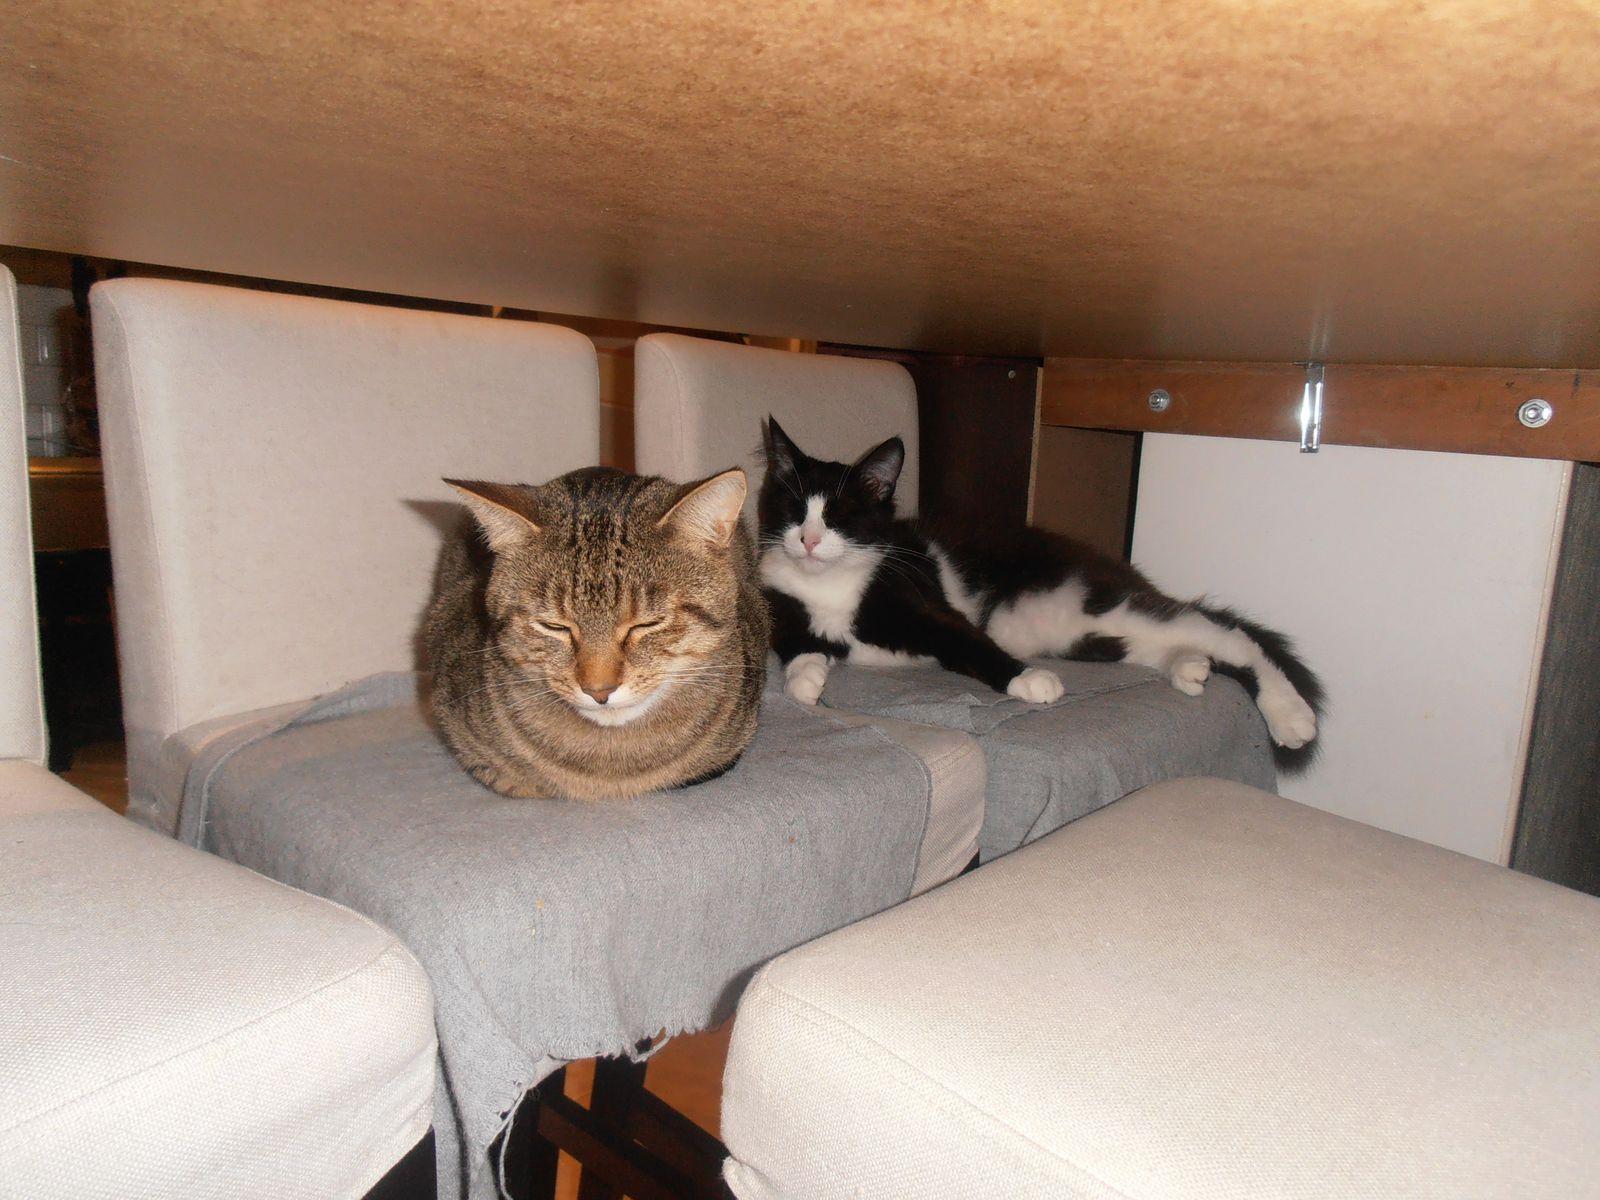 Les chats nous accueillent quand on rentre!